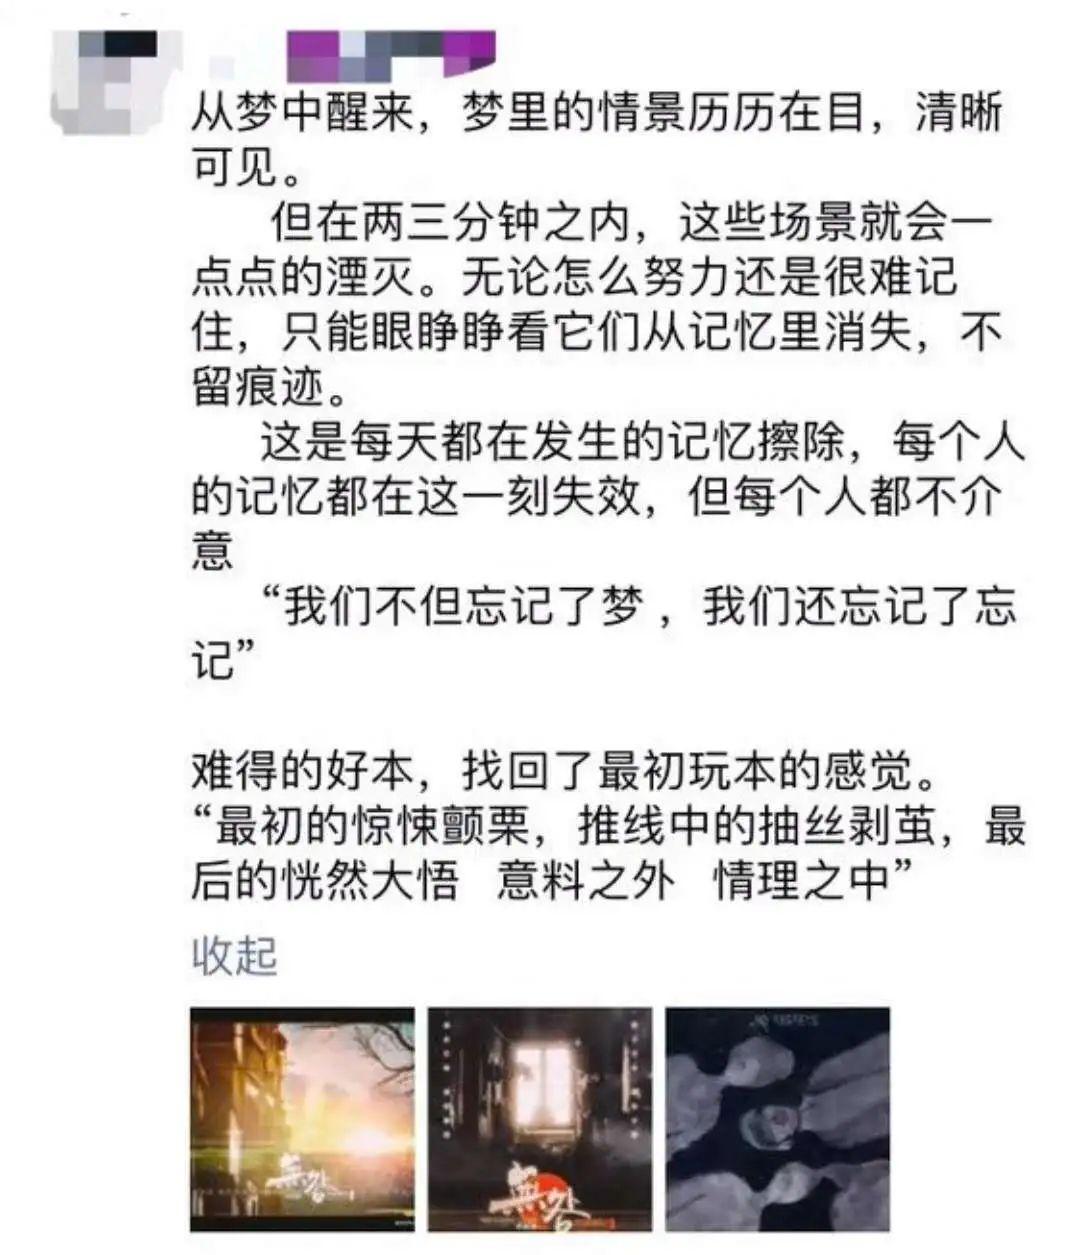 6人本《无咎》剧本杀线索复盘真相剧透结局真凶手是谁?-14